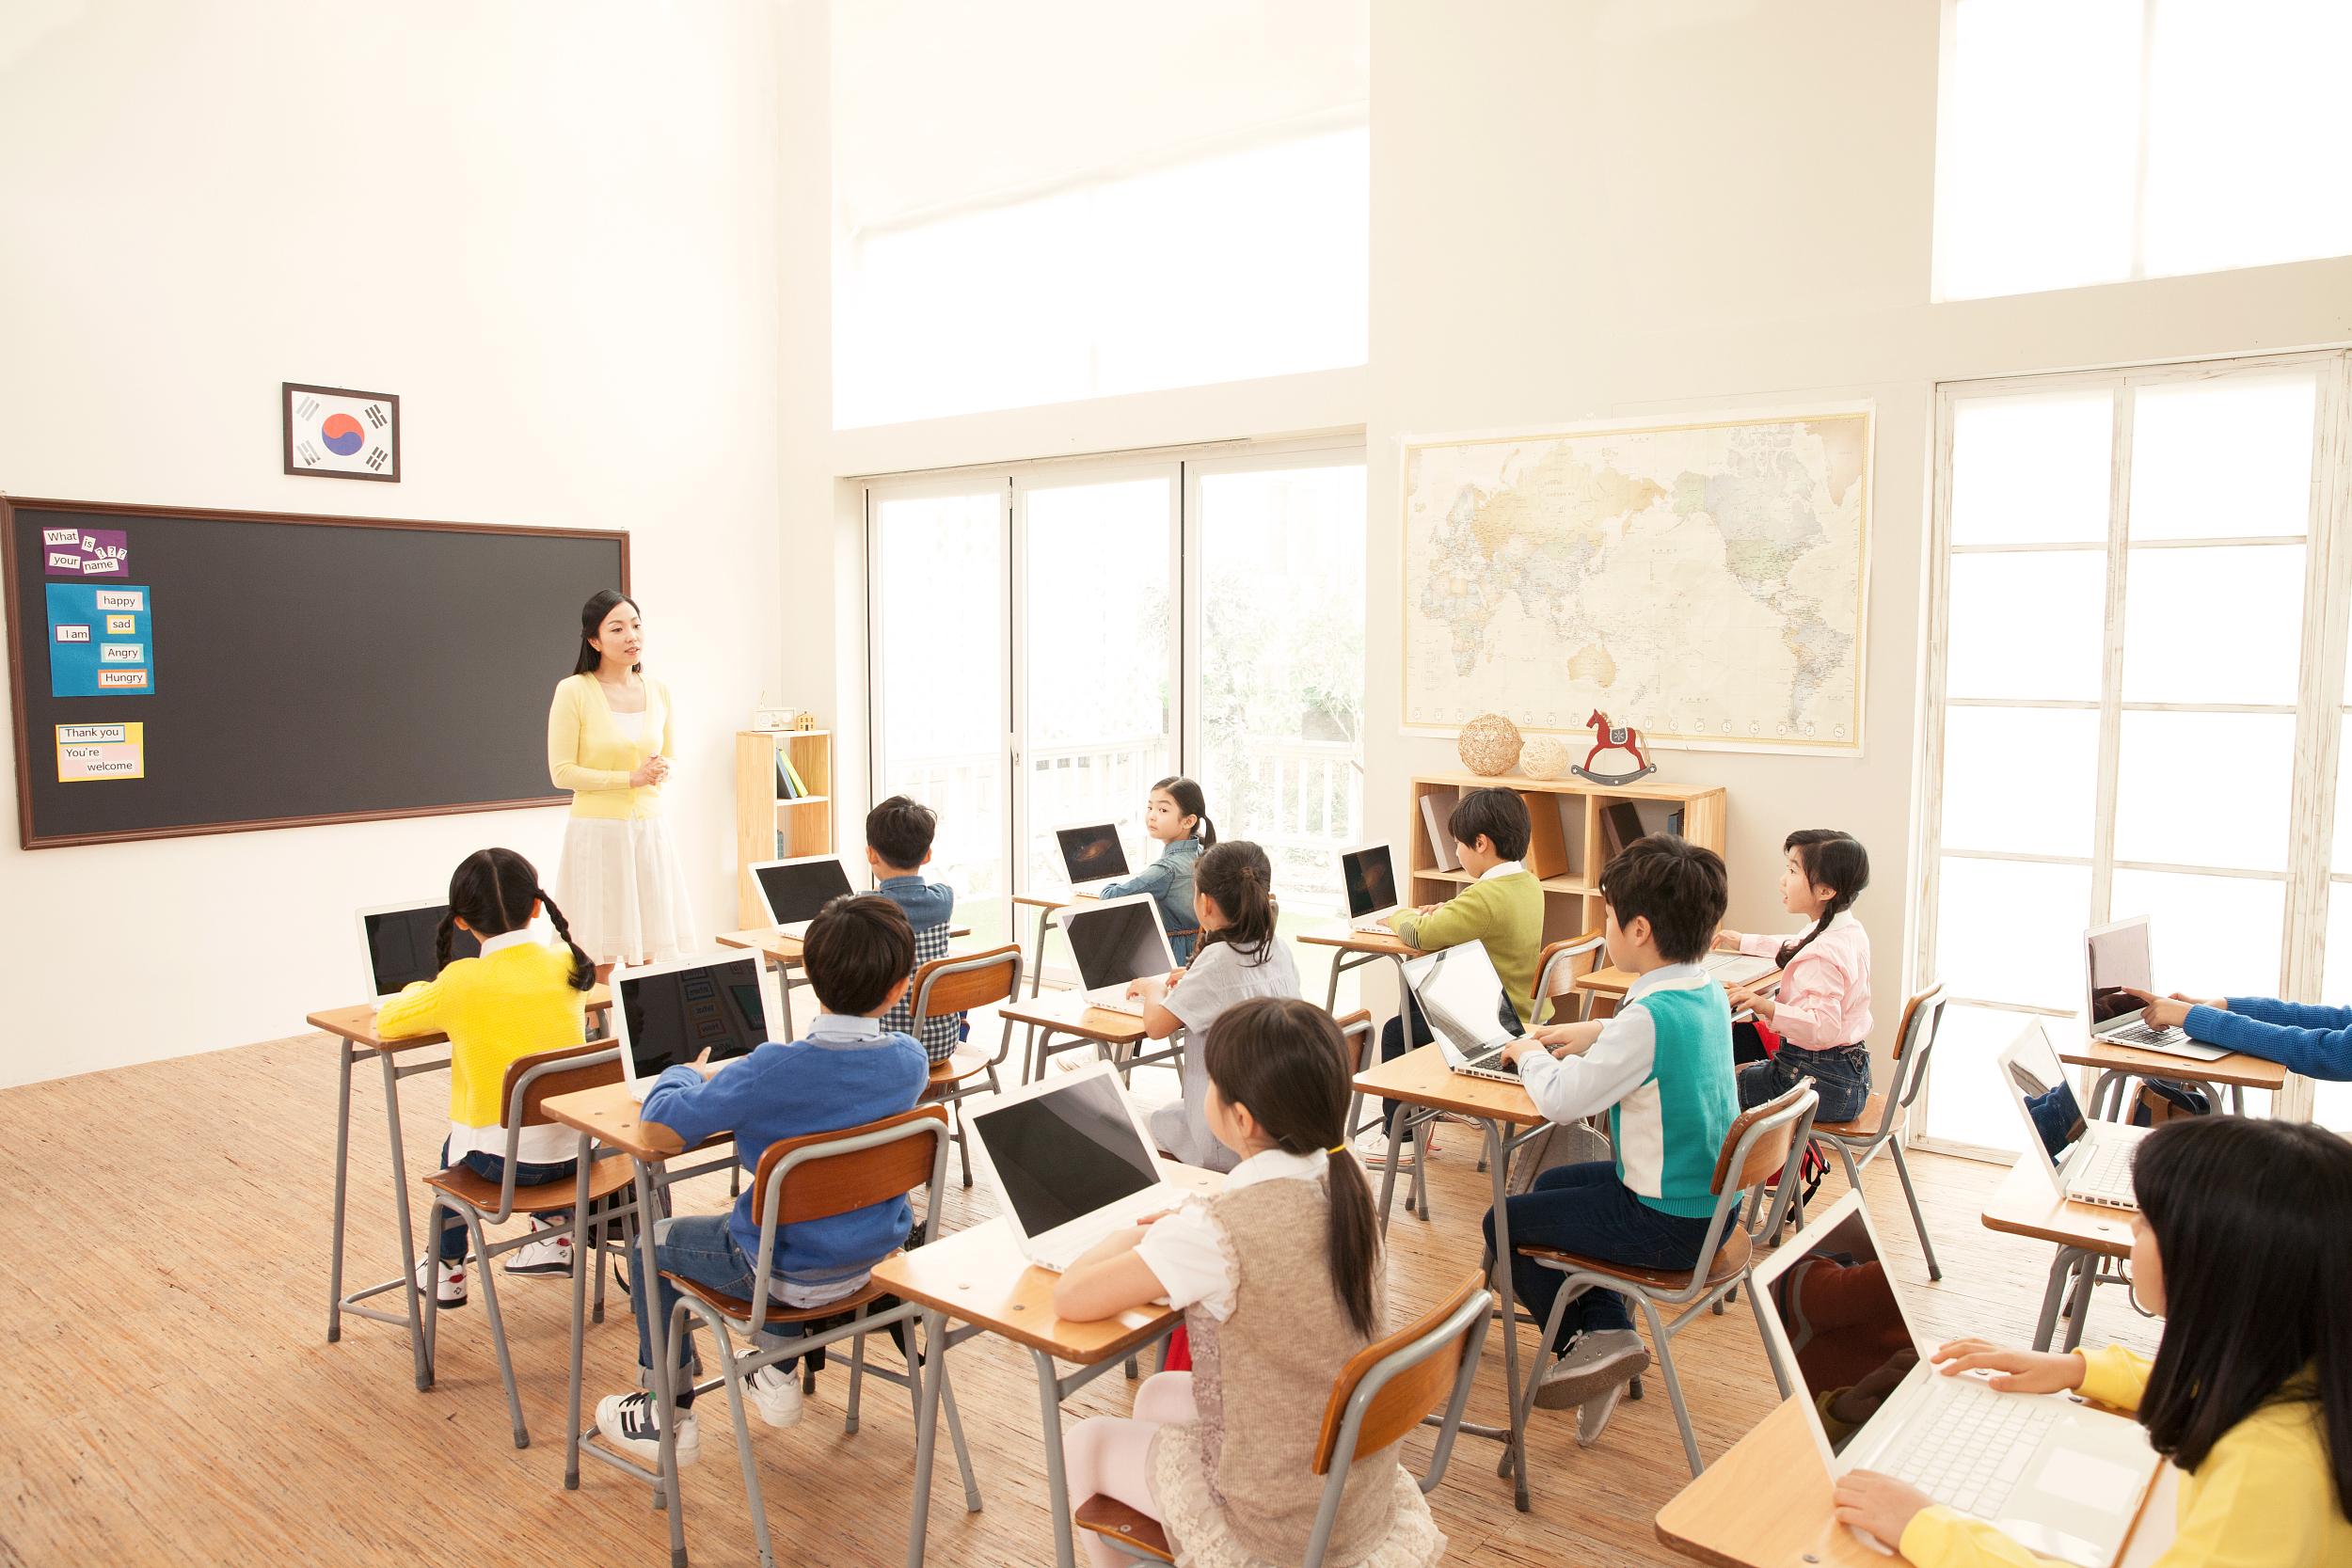 广州:针对性储备教培人员就业岗位2.5万个